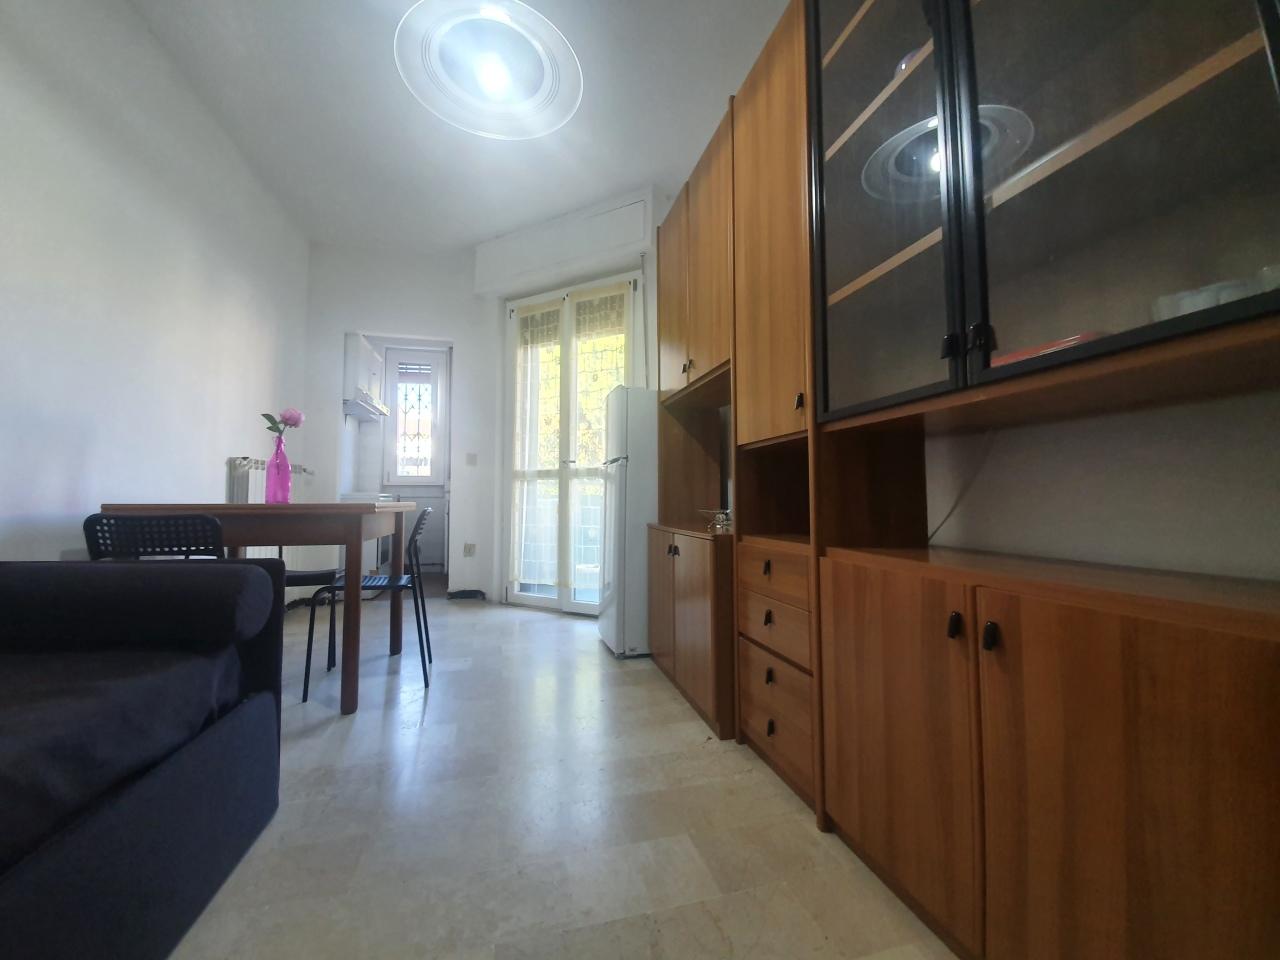 Appartamento in vendita a Borghetto Santo Spirito, 2 locali, prezzo € 140.000 | PortaleAgenzieImmobiliari.it